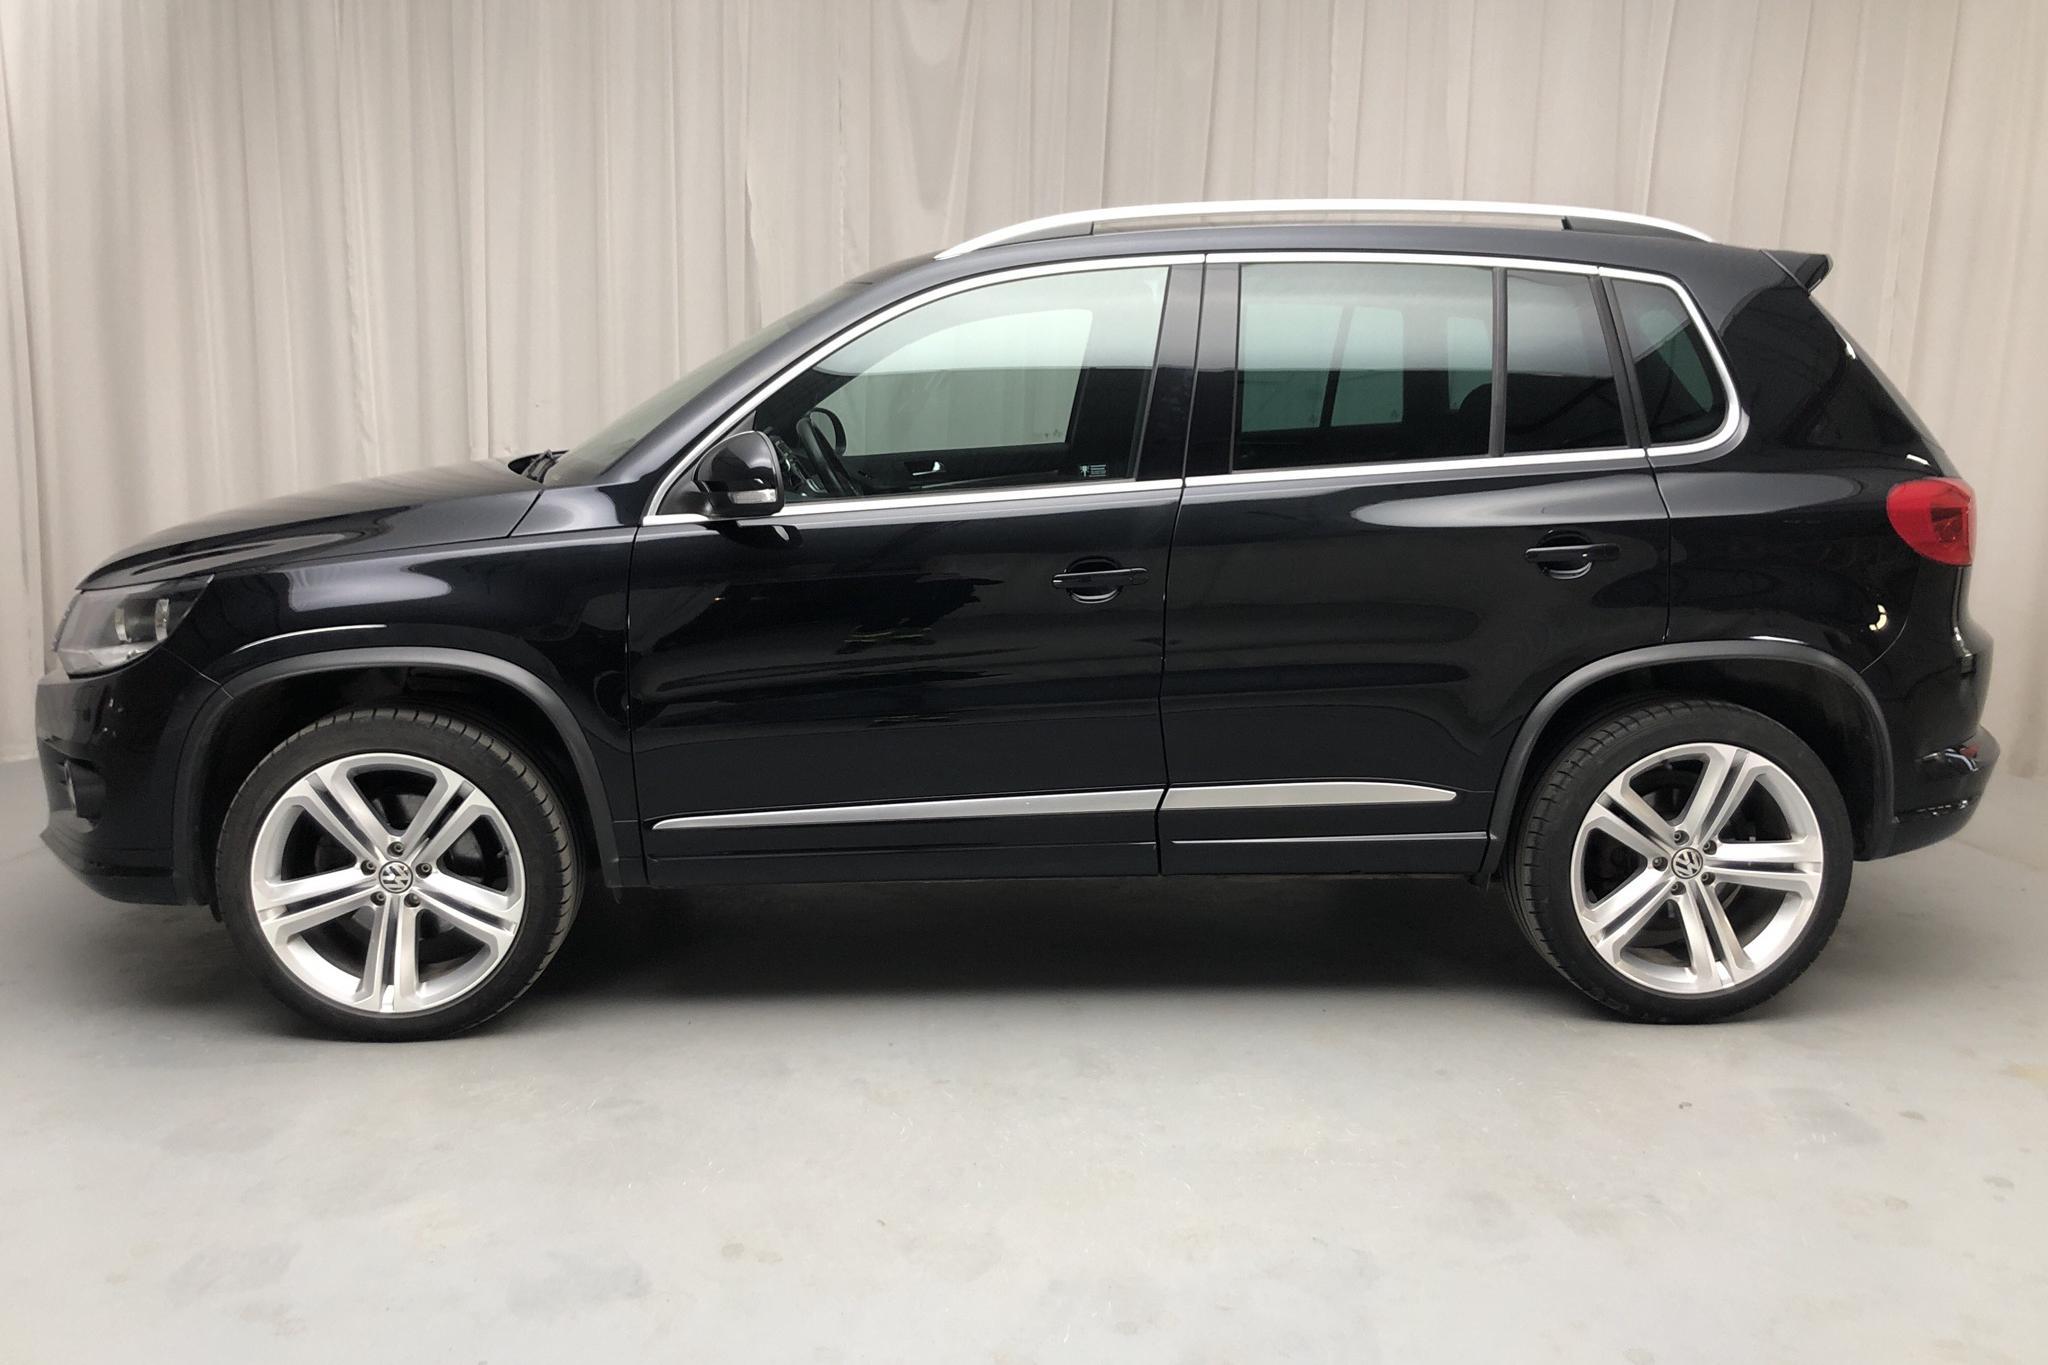 VW Tiguan 1.4 TSI 4MOTION (160hk) - 79 920 km - Manual - black - 2012